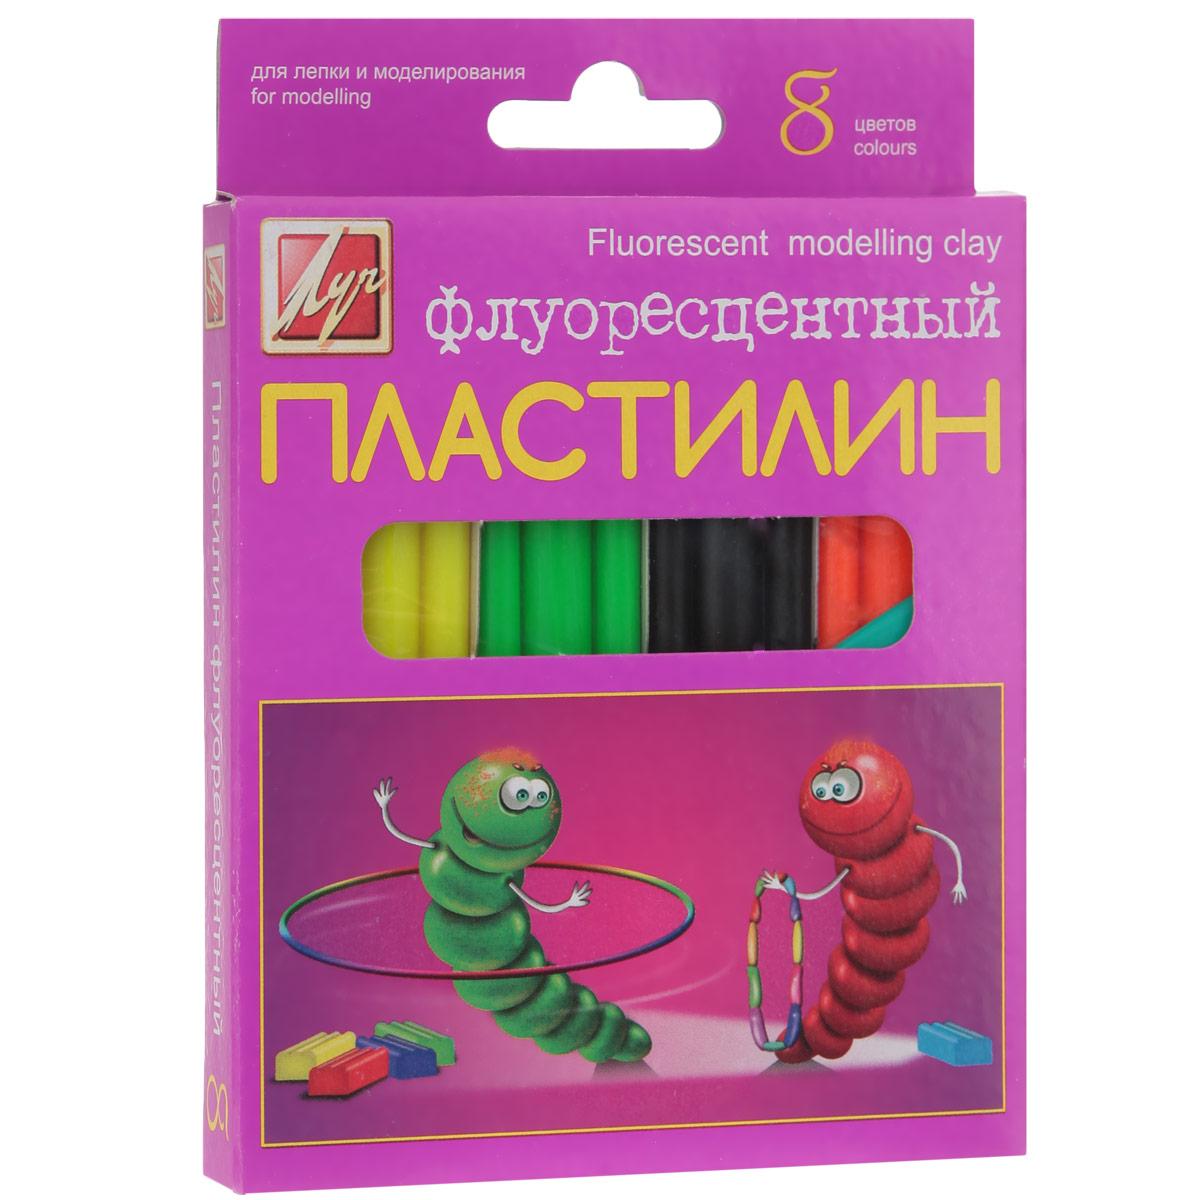 Пластилин флуоресцентный Луч, 8 цветов12С 765-08Флуоресцентный пластилин Луч предназначен для лепки и моделирования. Его можно использовать как для объемной лепки, так и для плоскостных работ практически на любой поверхности, так как он великолепно разносится подушечками пальцев по плоскости рисунка. Лепка из пластилина не только доставляет удовольствие, но и способствует снятию мышечного и психического напряжения, развитию мелкой моторики рук и пространственного мышления. Пластилин изготовлен из высококачественных компонентов с добавлением флуоресцентных пигментов и наполнителей, поэтому он не липнет к рукам, не оставляет жирных пятен. В набор входят 8 цветов: синий, ярко-оранжевый, лимонный, белый, черный, зеленый, синий, красный. Общая масса пластилина: 105 грамма.